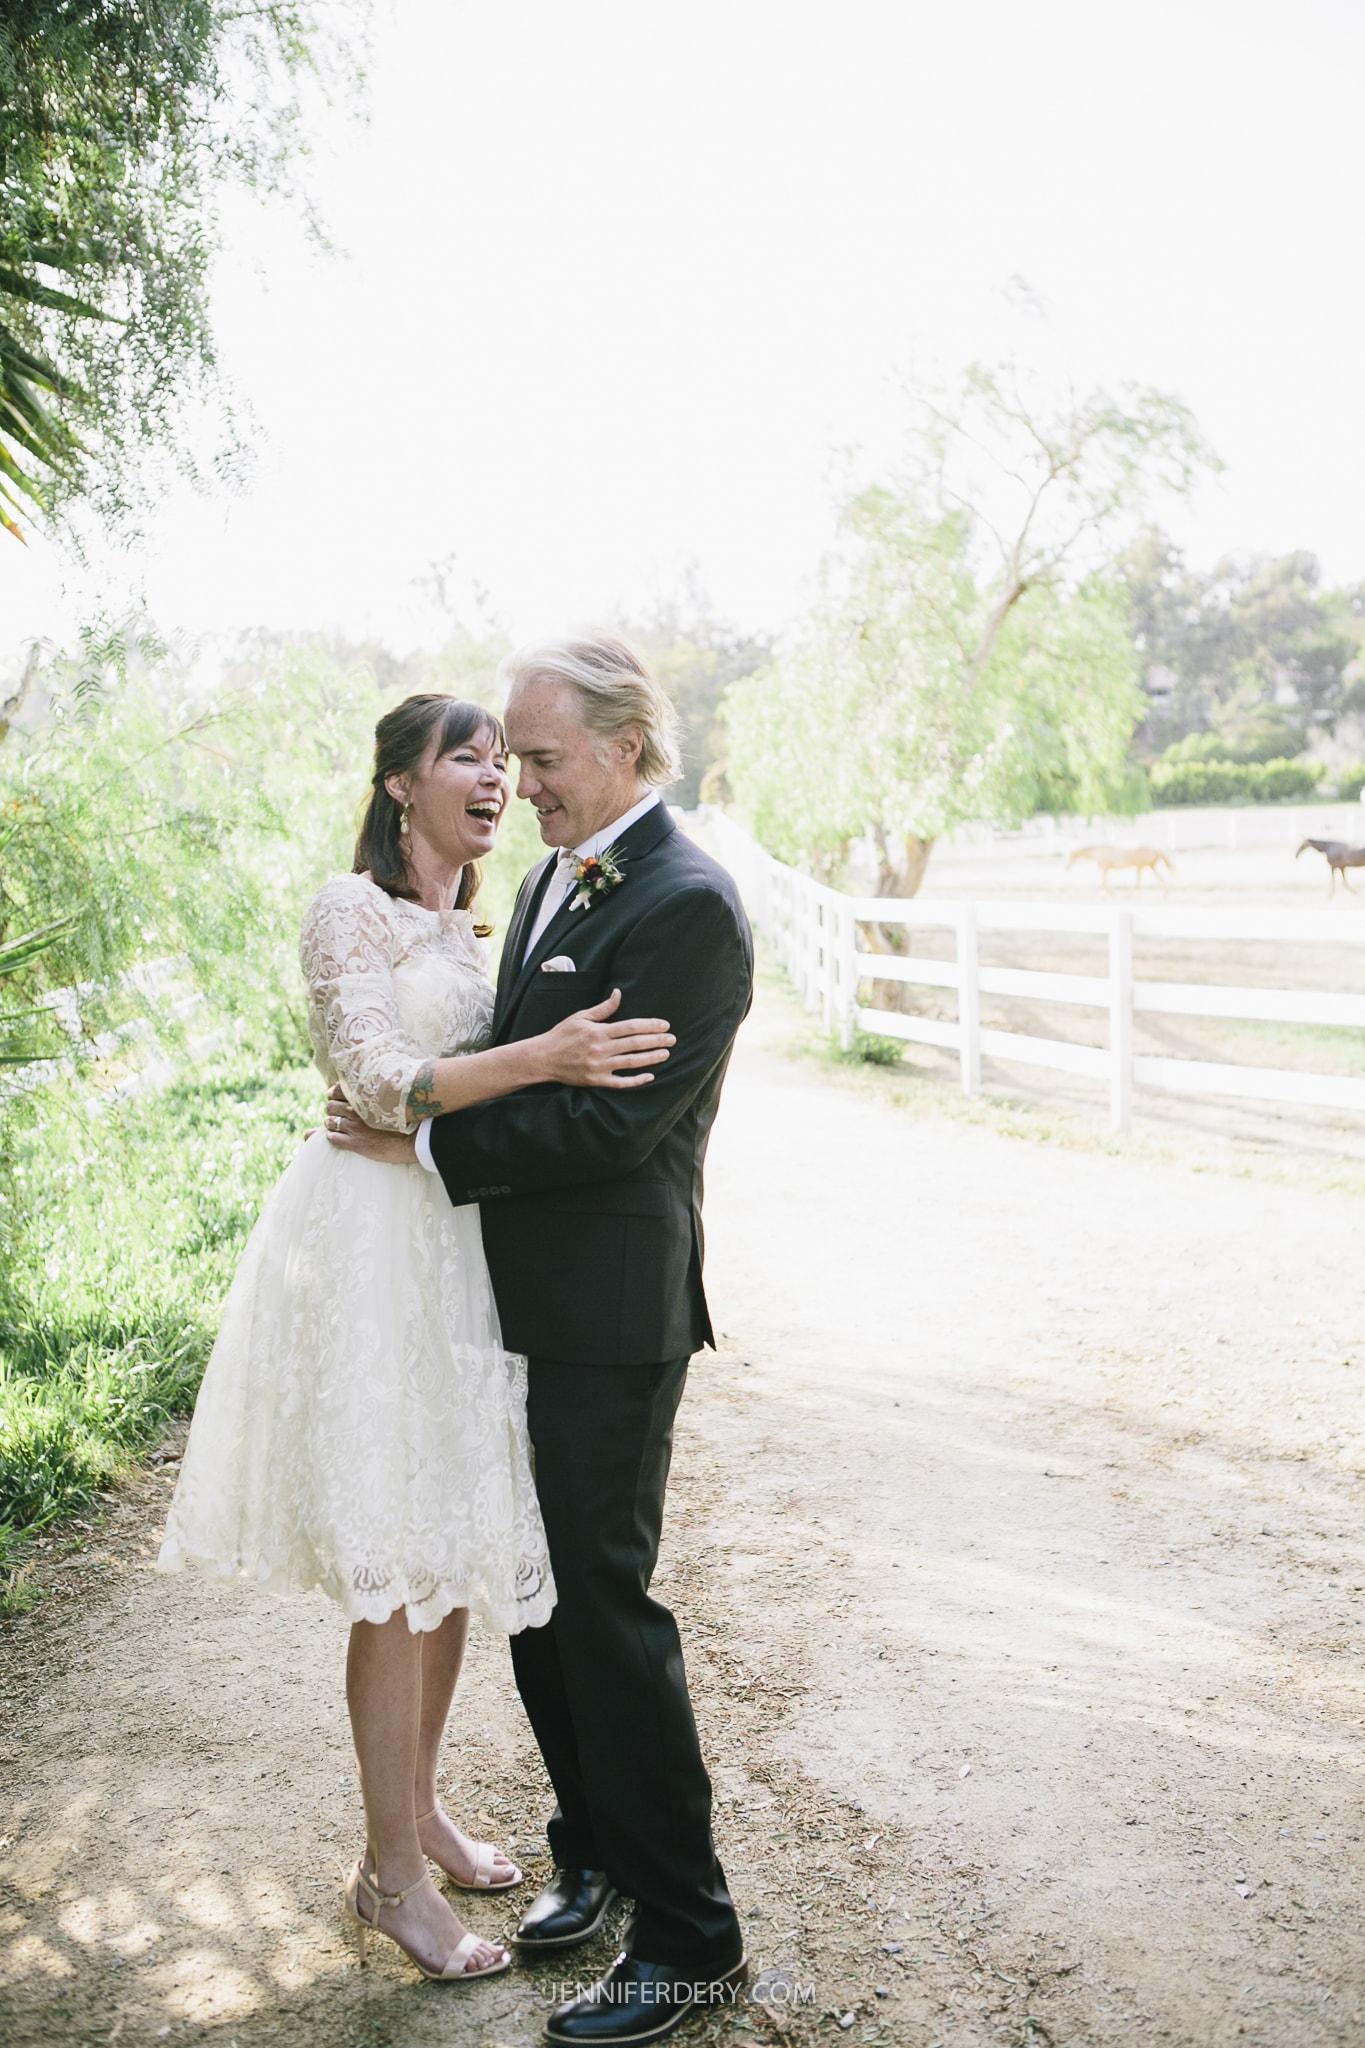 Nena & Deane | San Diego Musicians Get Married